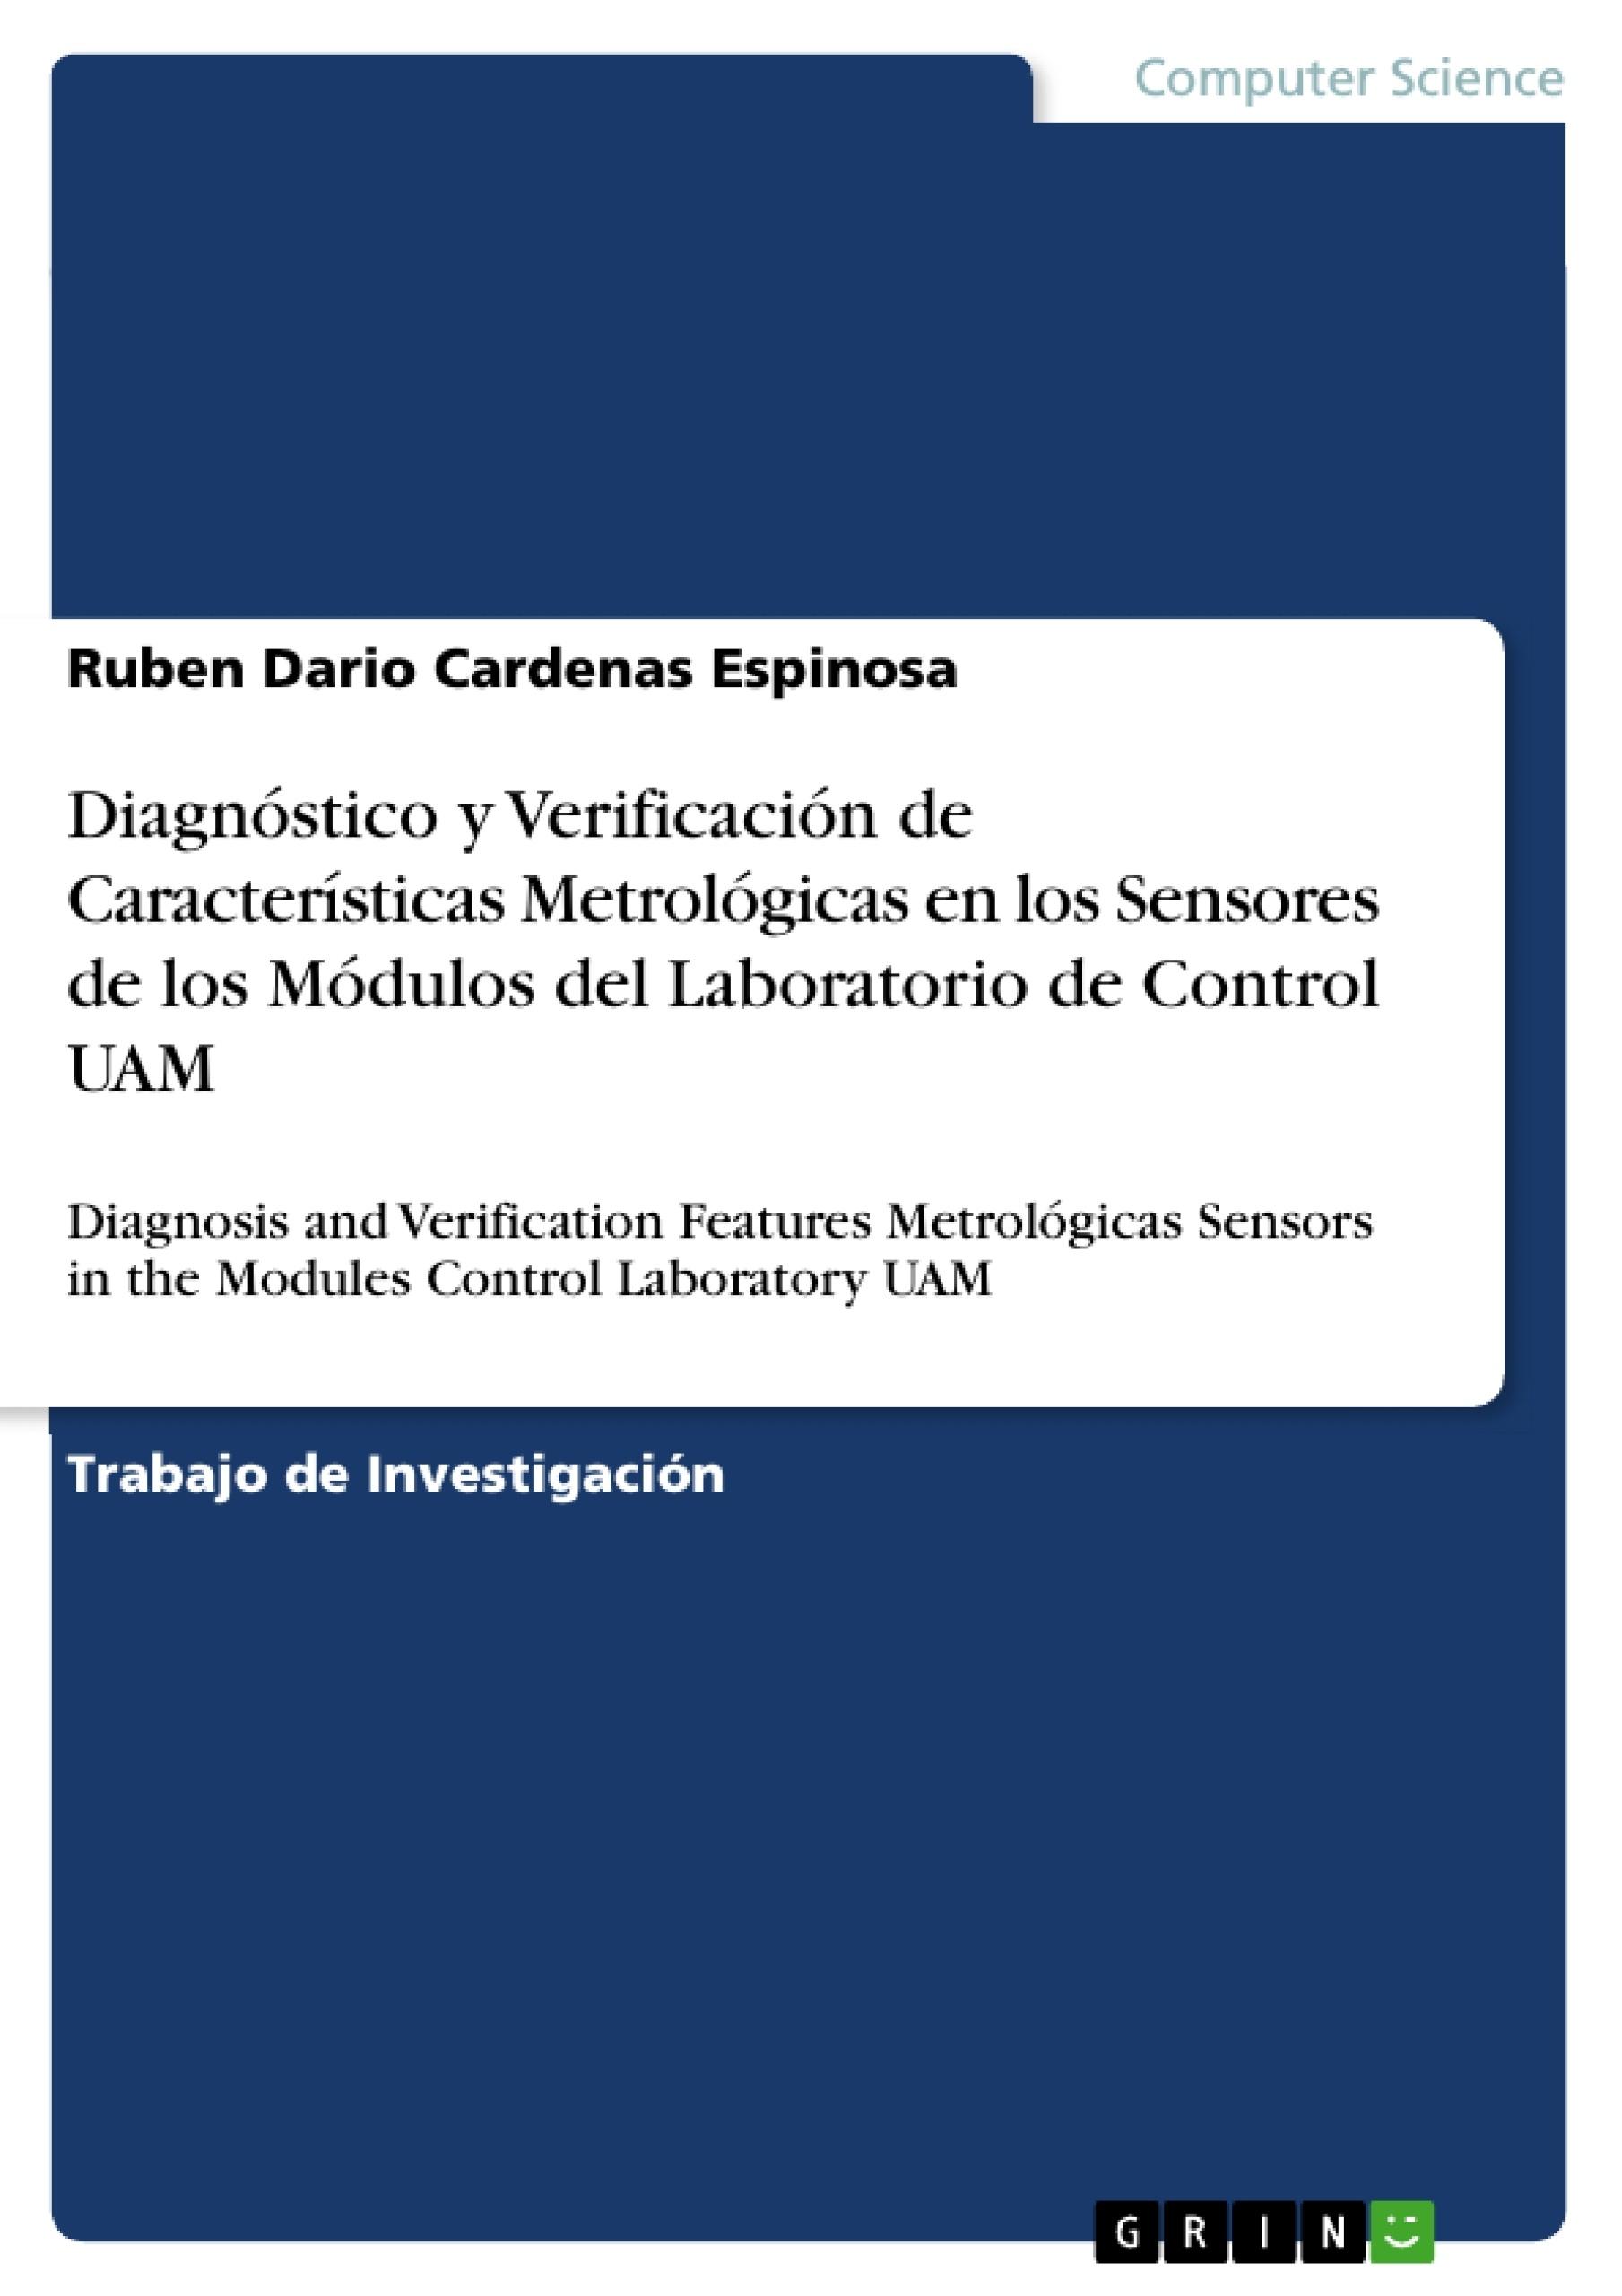 Título: Diagnóstico y Verificación de Características Metrológicas en los Sensores de los Módulos del Laboratorio de Control UAM